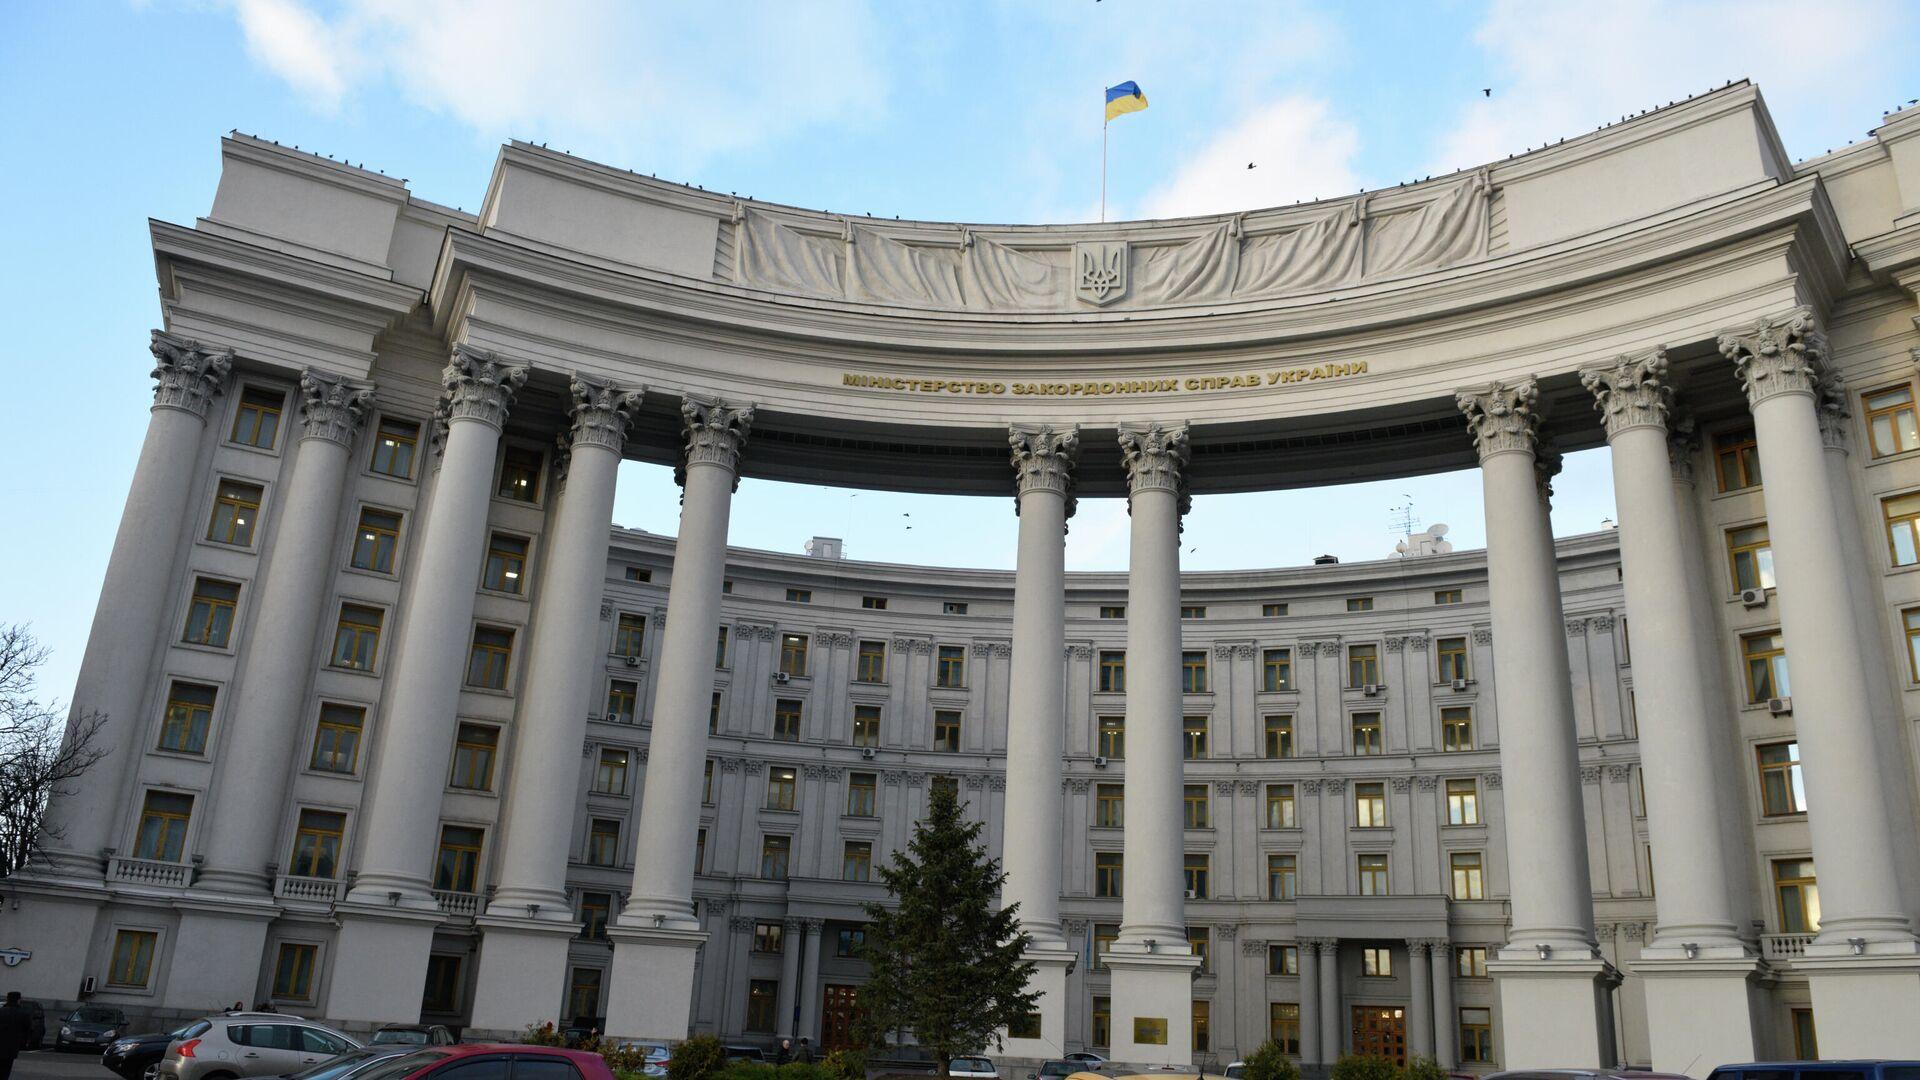 Здание министерства иностранных дел в Киеве - РИА Новости, 1920, 15.04.2021